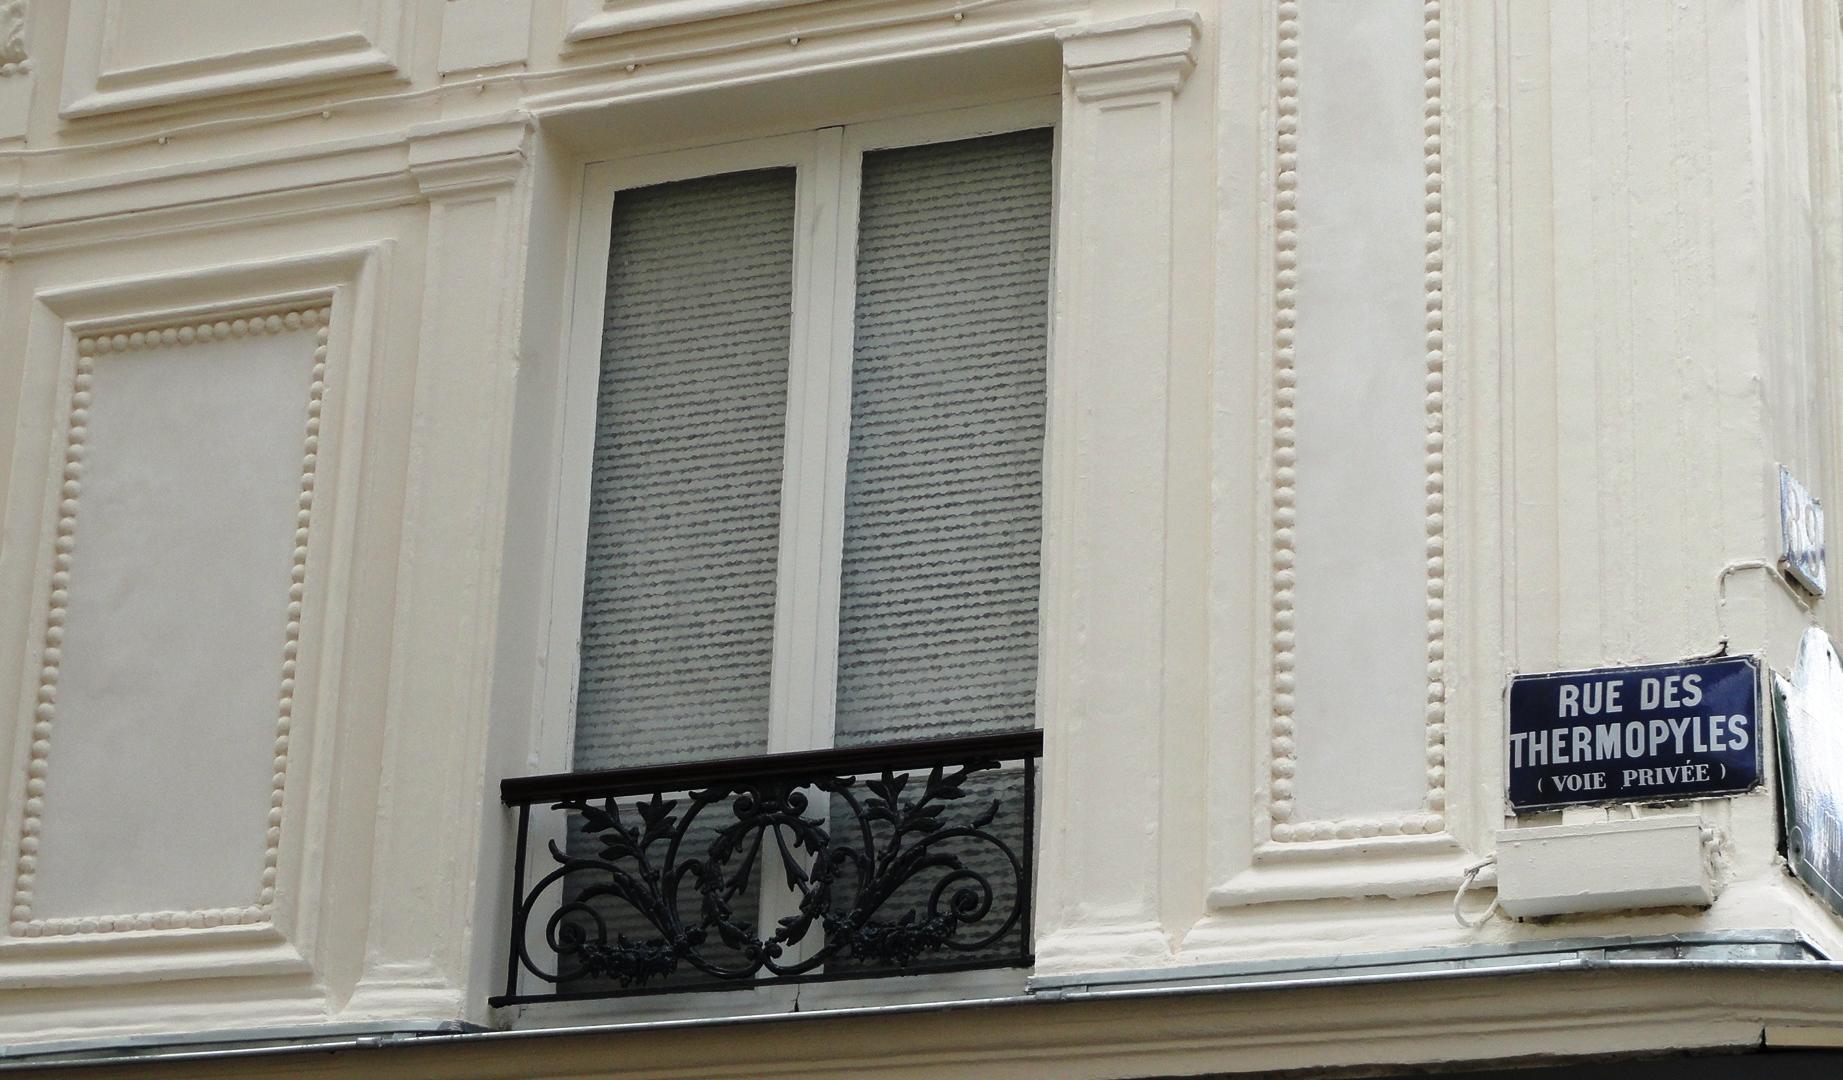 Rue des Thermopyles - Plaque de rue